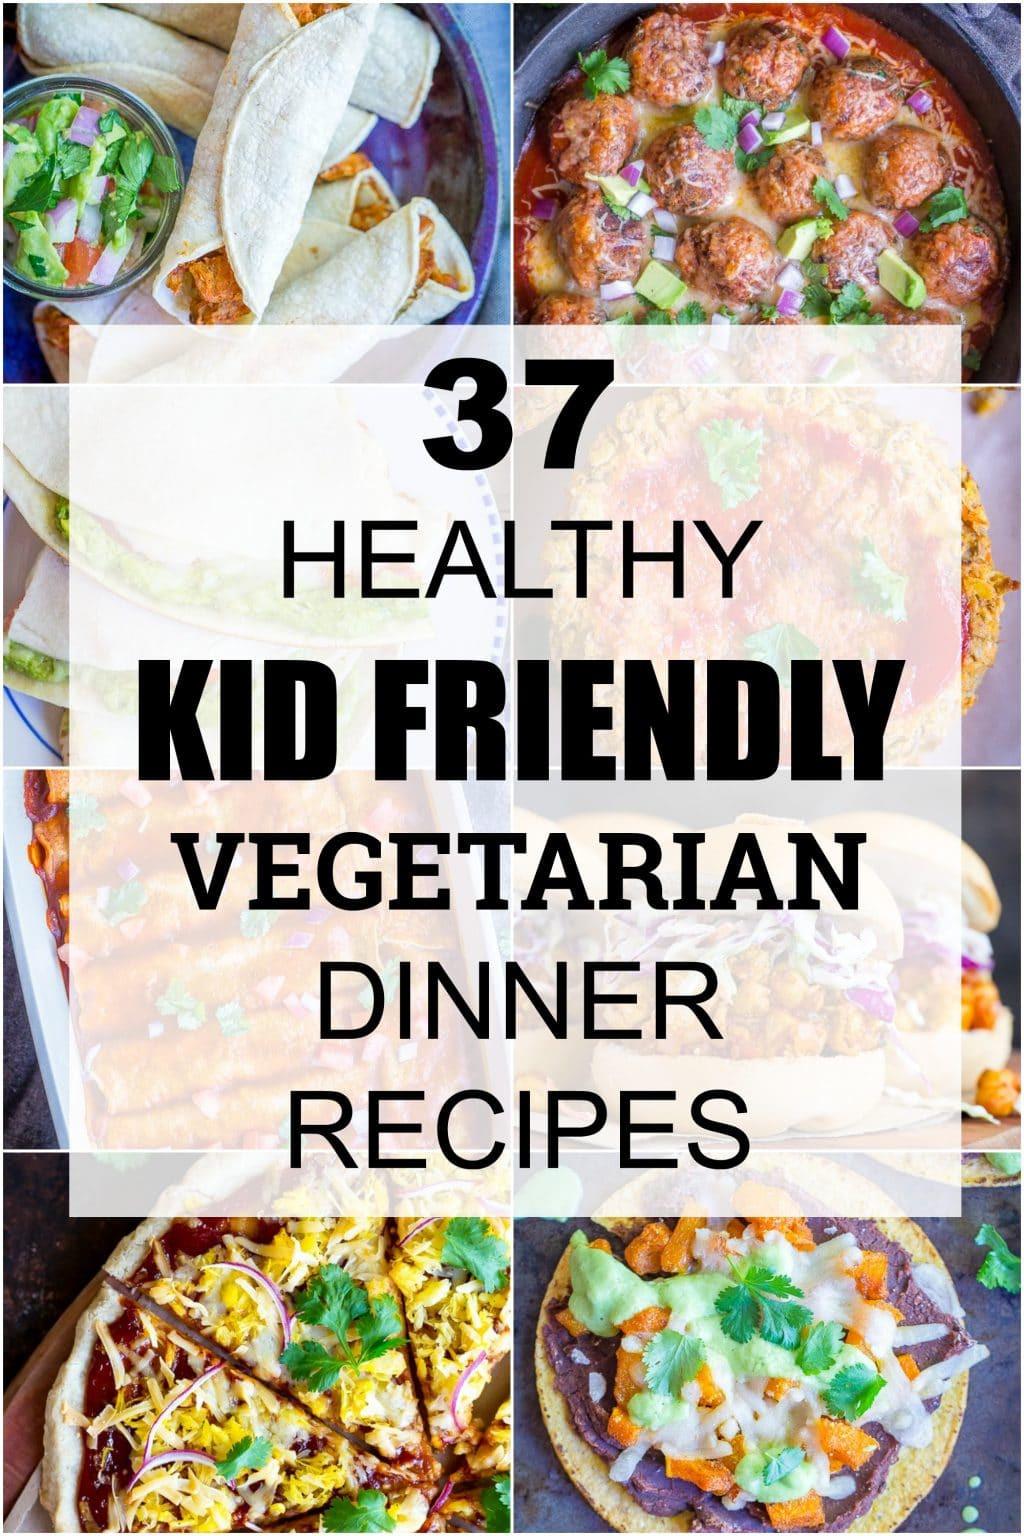 Easy Vegetarian Dinner Recipes For Family  37 Healthy Kid Friendly Ve arian Dinner Recipes She